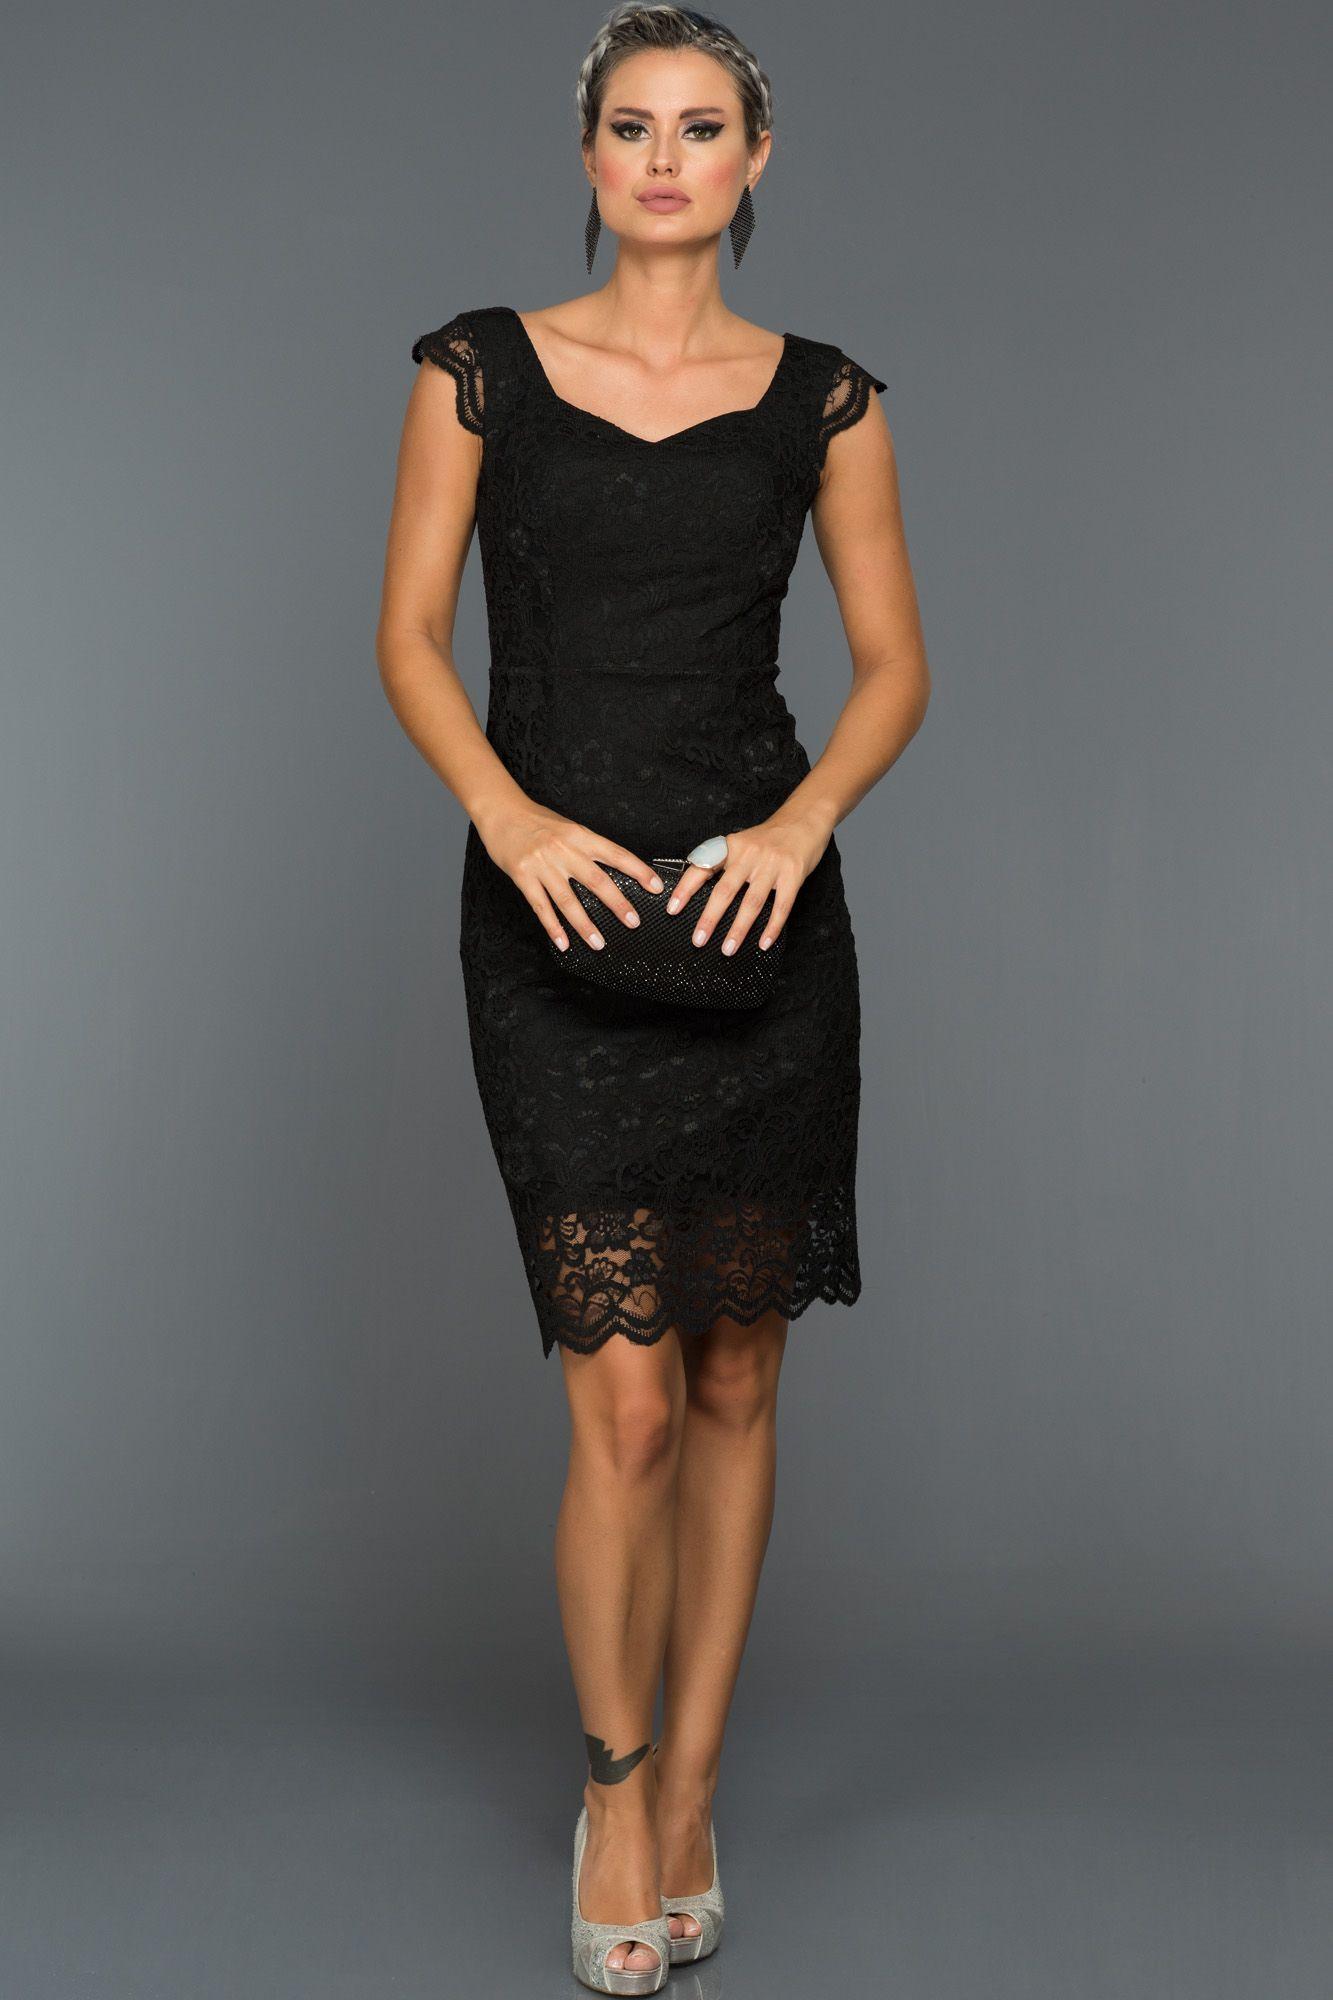 53de91804ee3e #gece elbisesi, #night dresses, #dantelli, #kısa, #2019